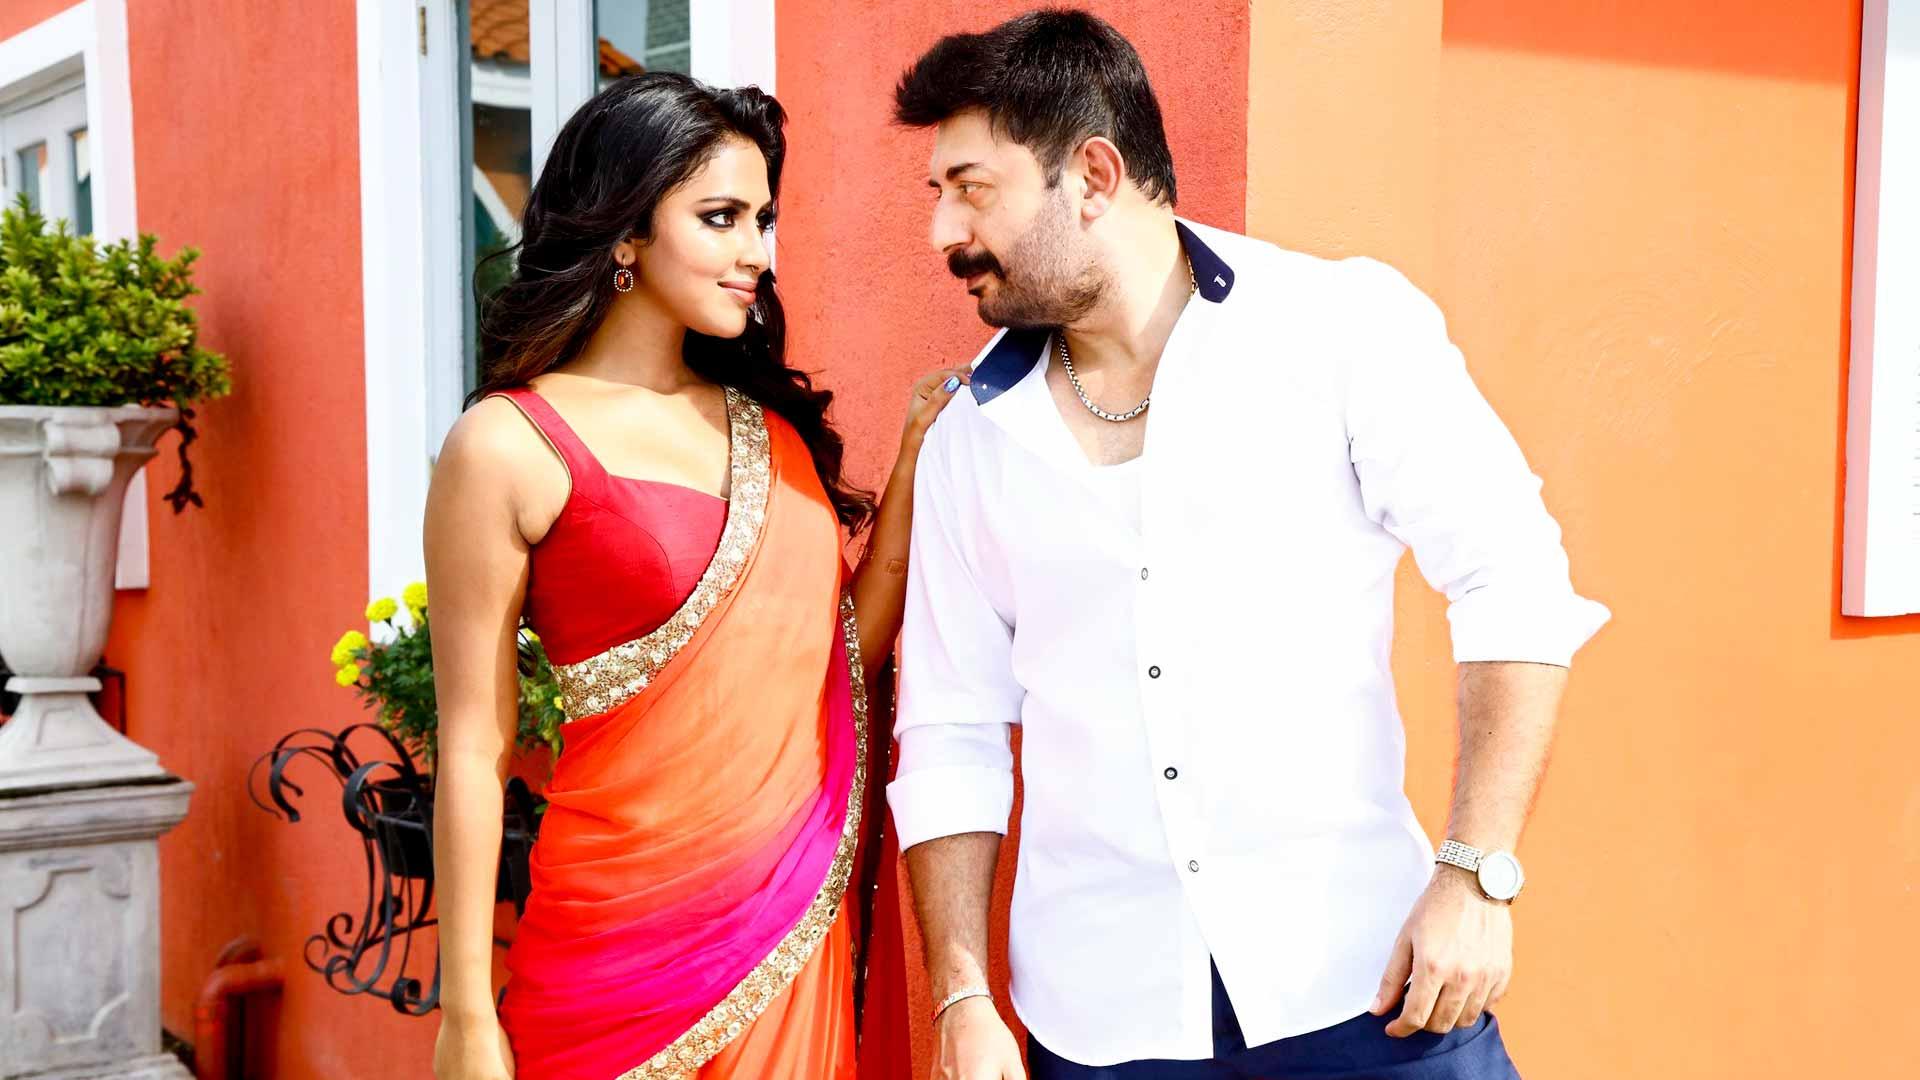 Bhaskar Oru Rascal Full Movie Online Watch Bhaskar Oru Rascal In